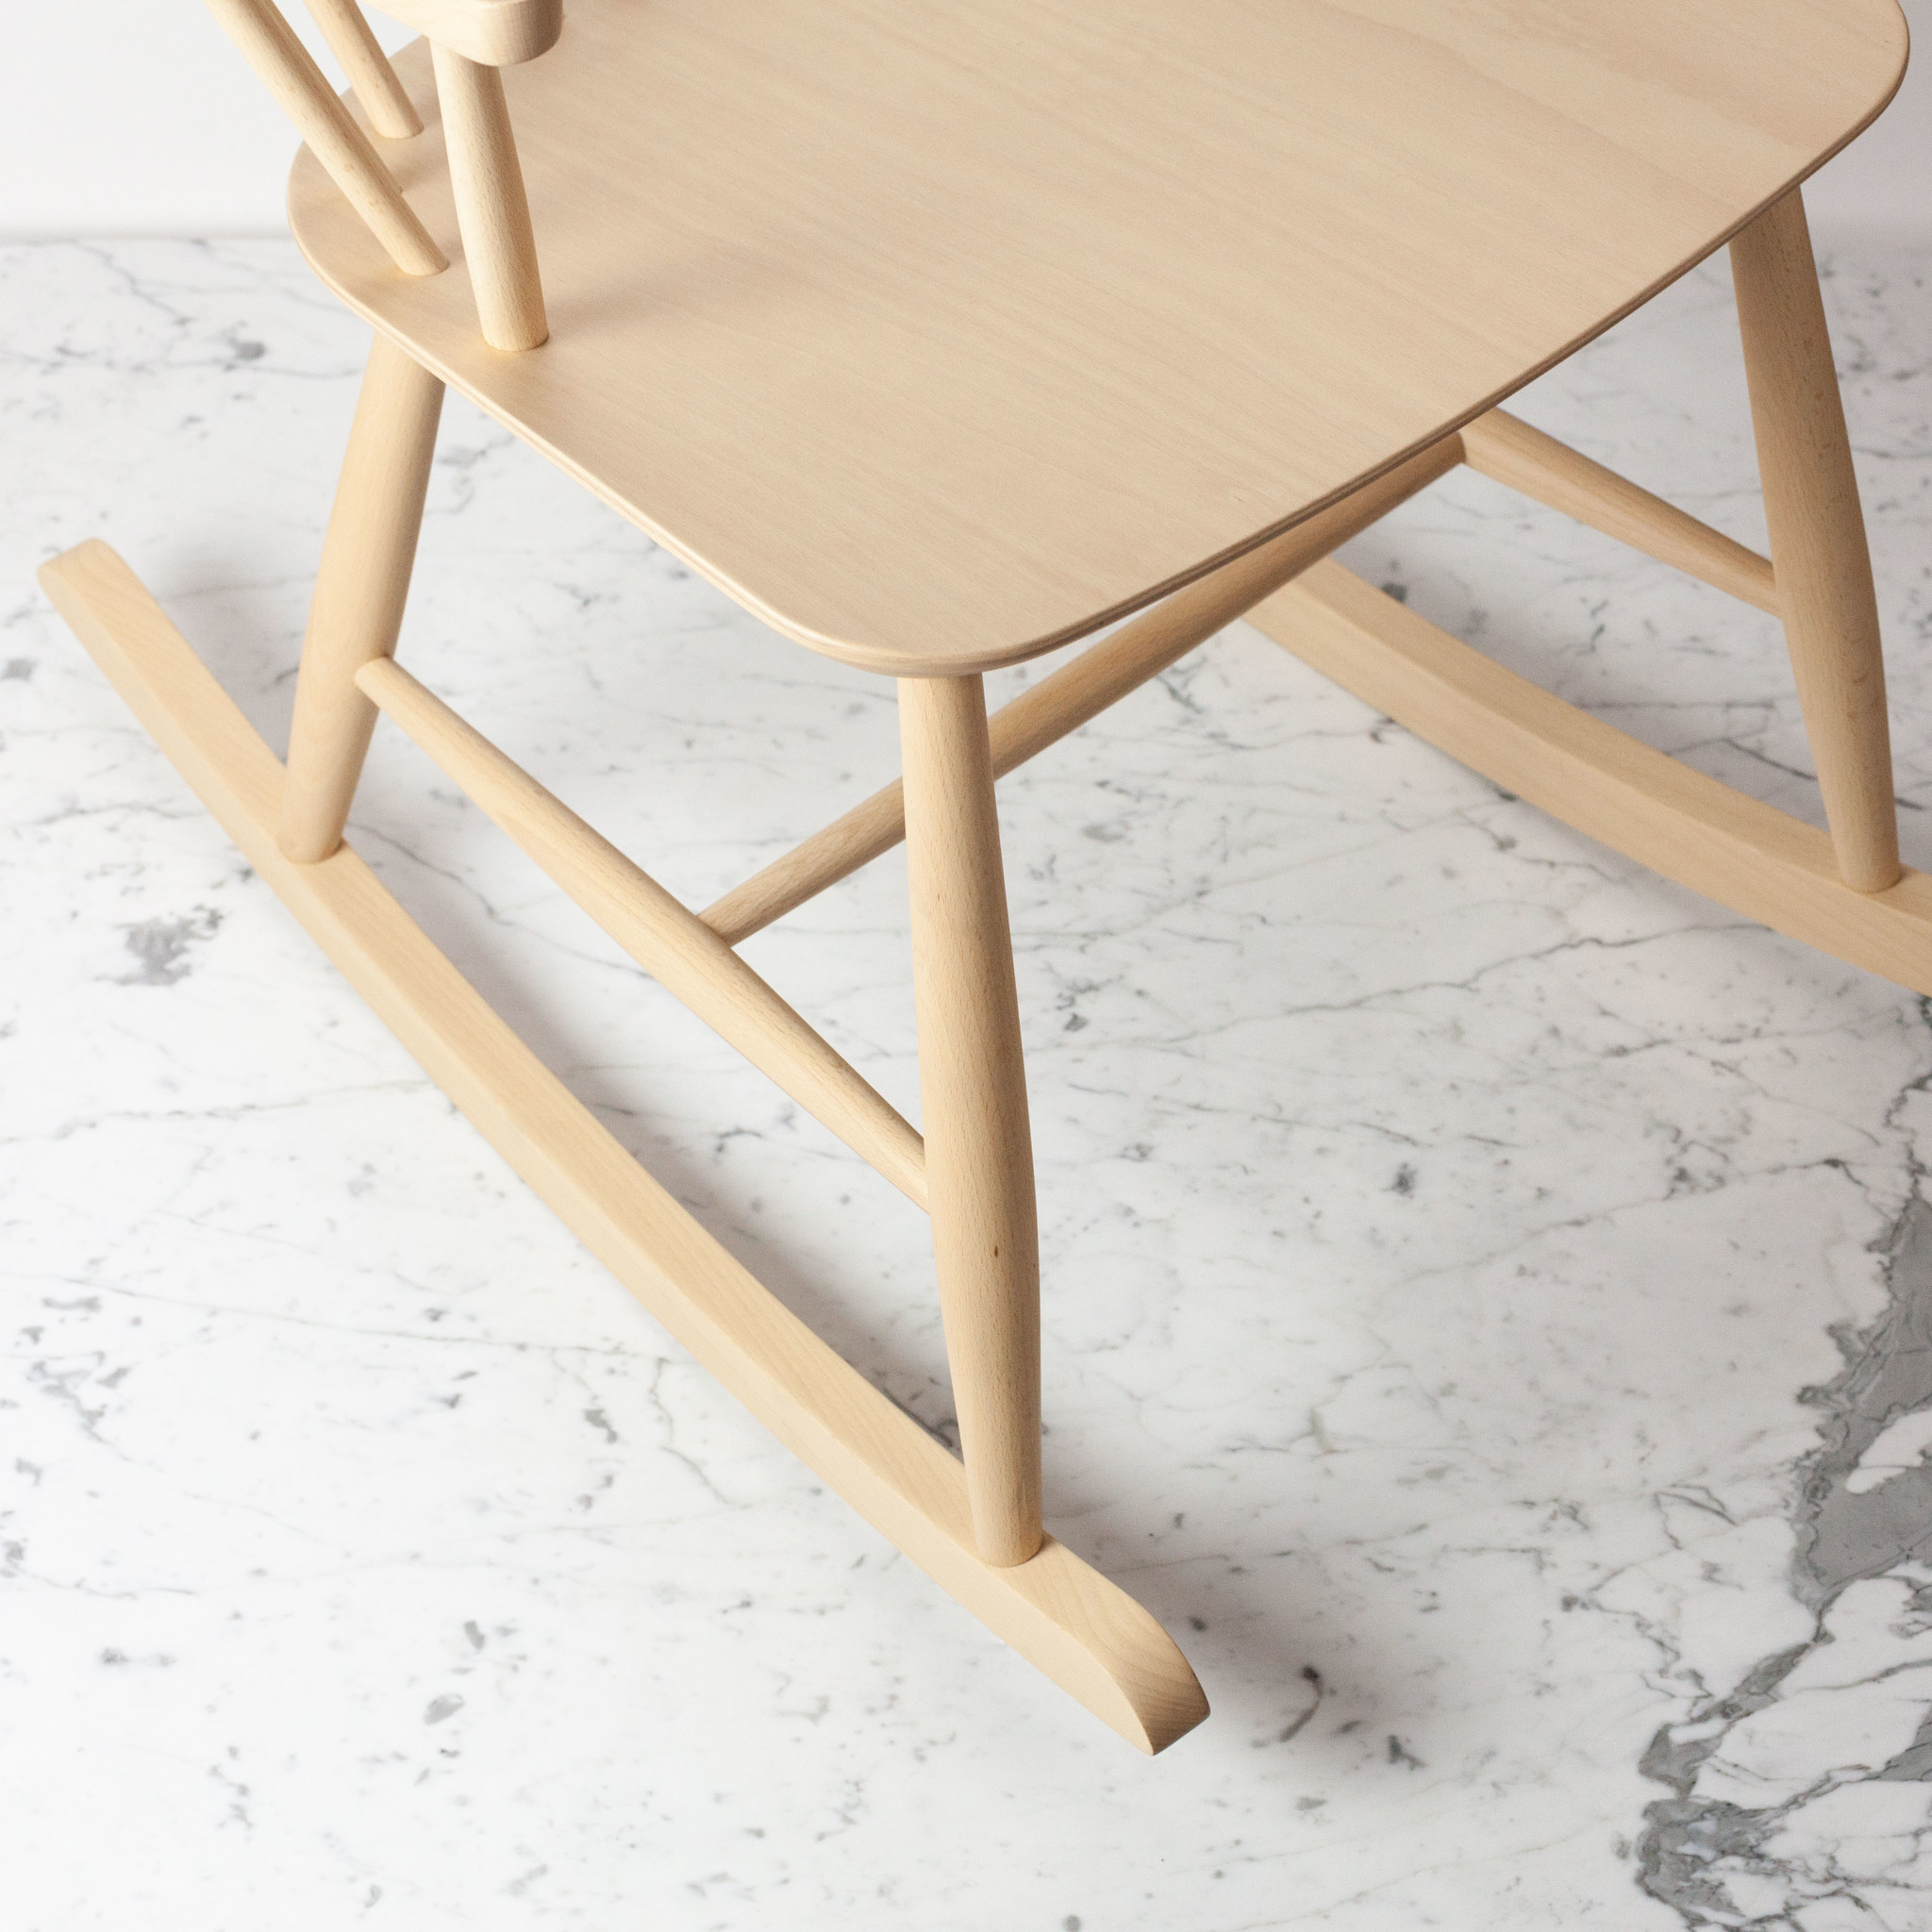 FDB Mobler FDB Mobler Rocking Chair - Beech